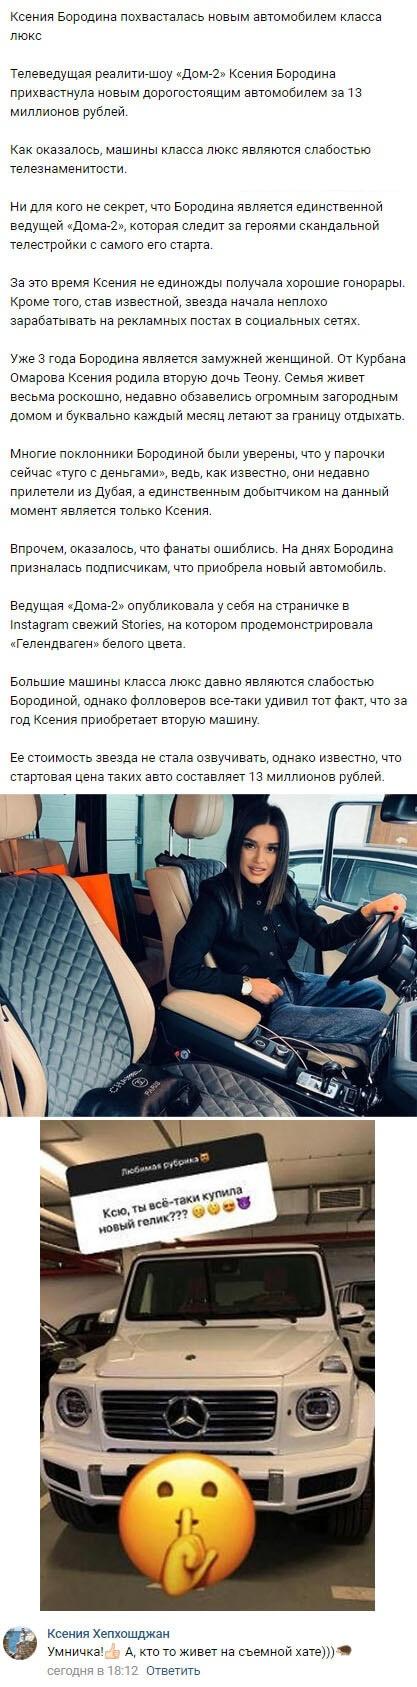 Ксения Бородина в очередной раз крупно утерла нос Ольге Бузовой